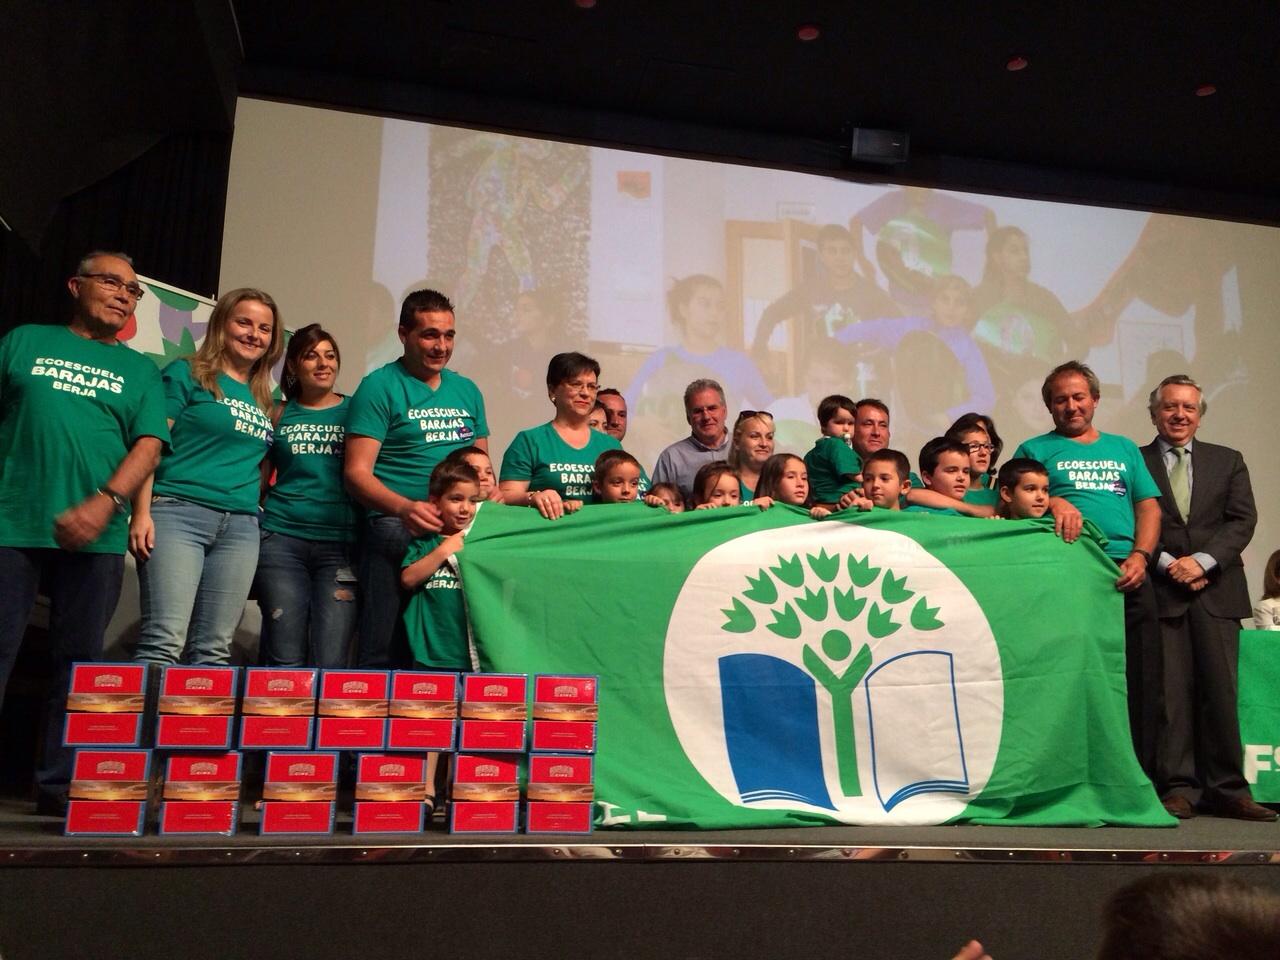 bandera verde barajas berja